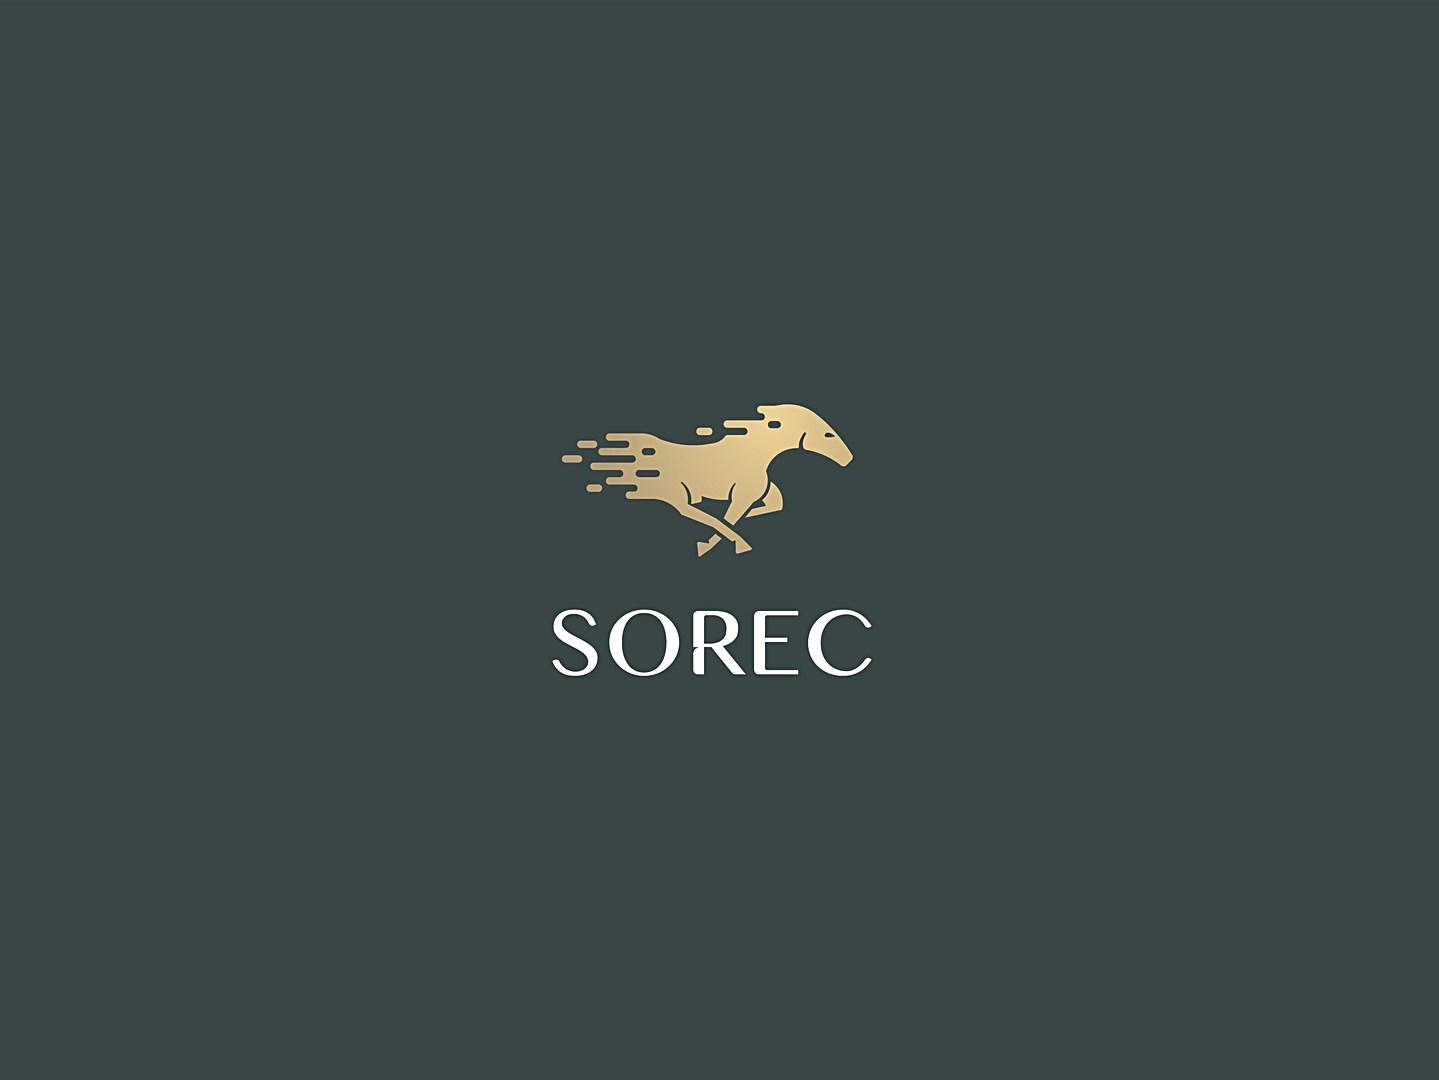 SOREC